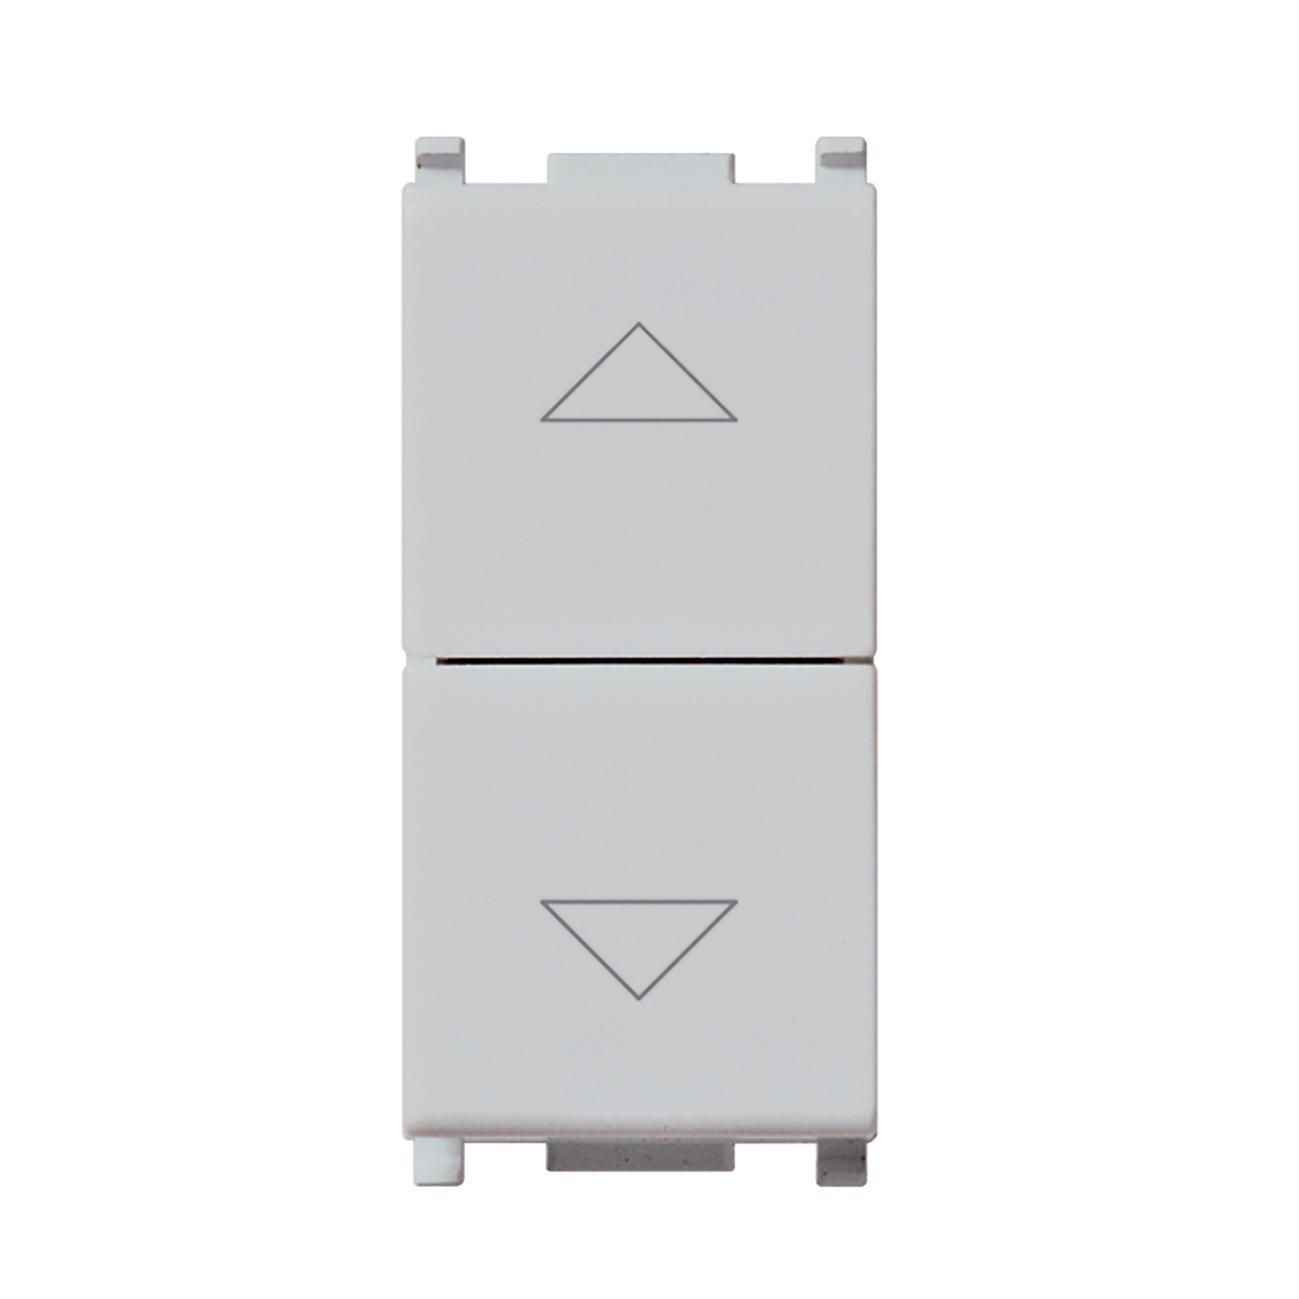 Commutatore Plana VIMAR grigio / argento